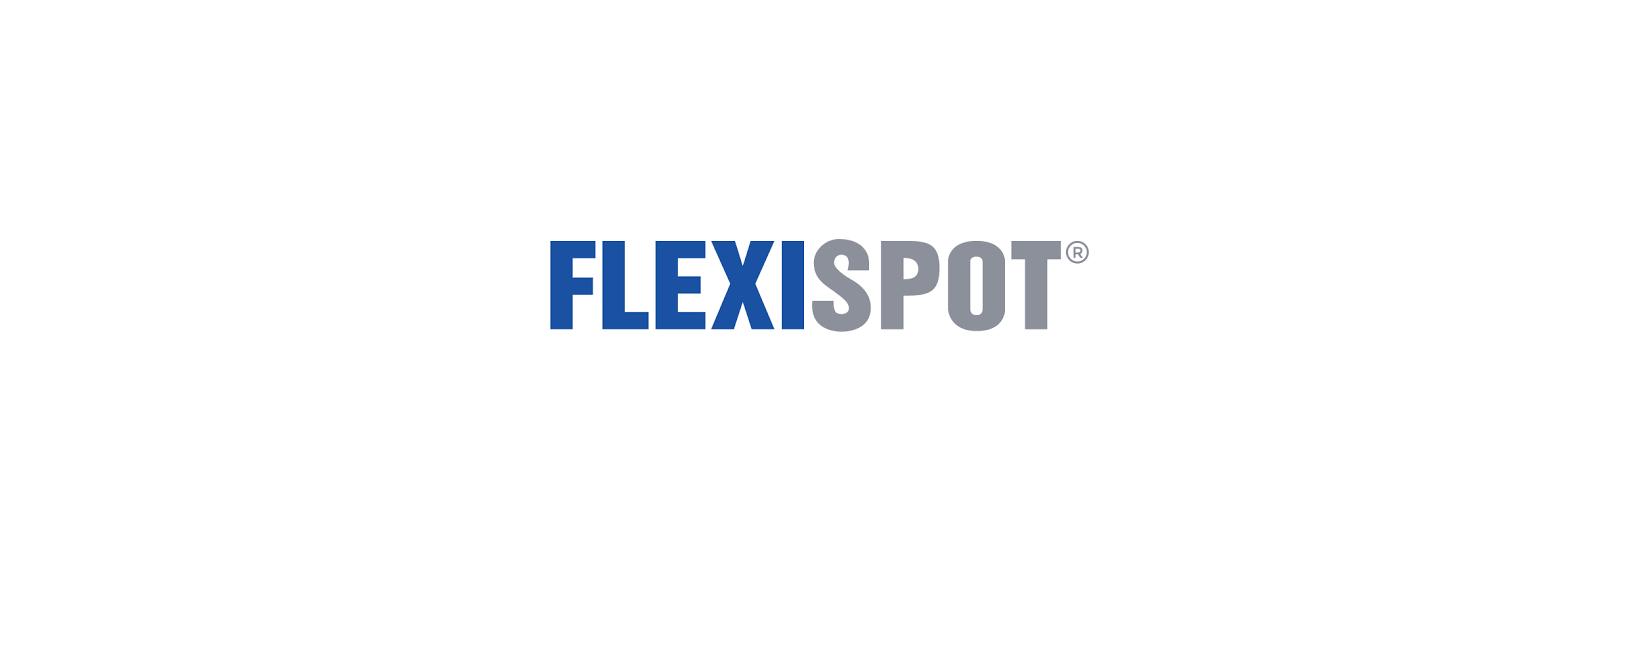 FlexiSpot UK Discount Code 2021